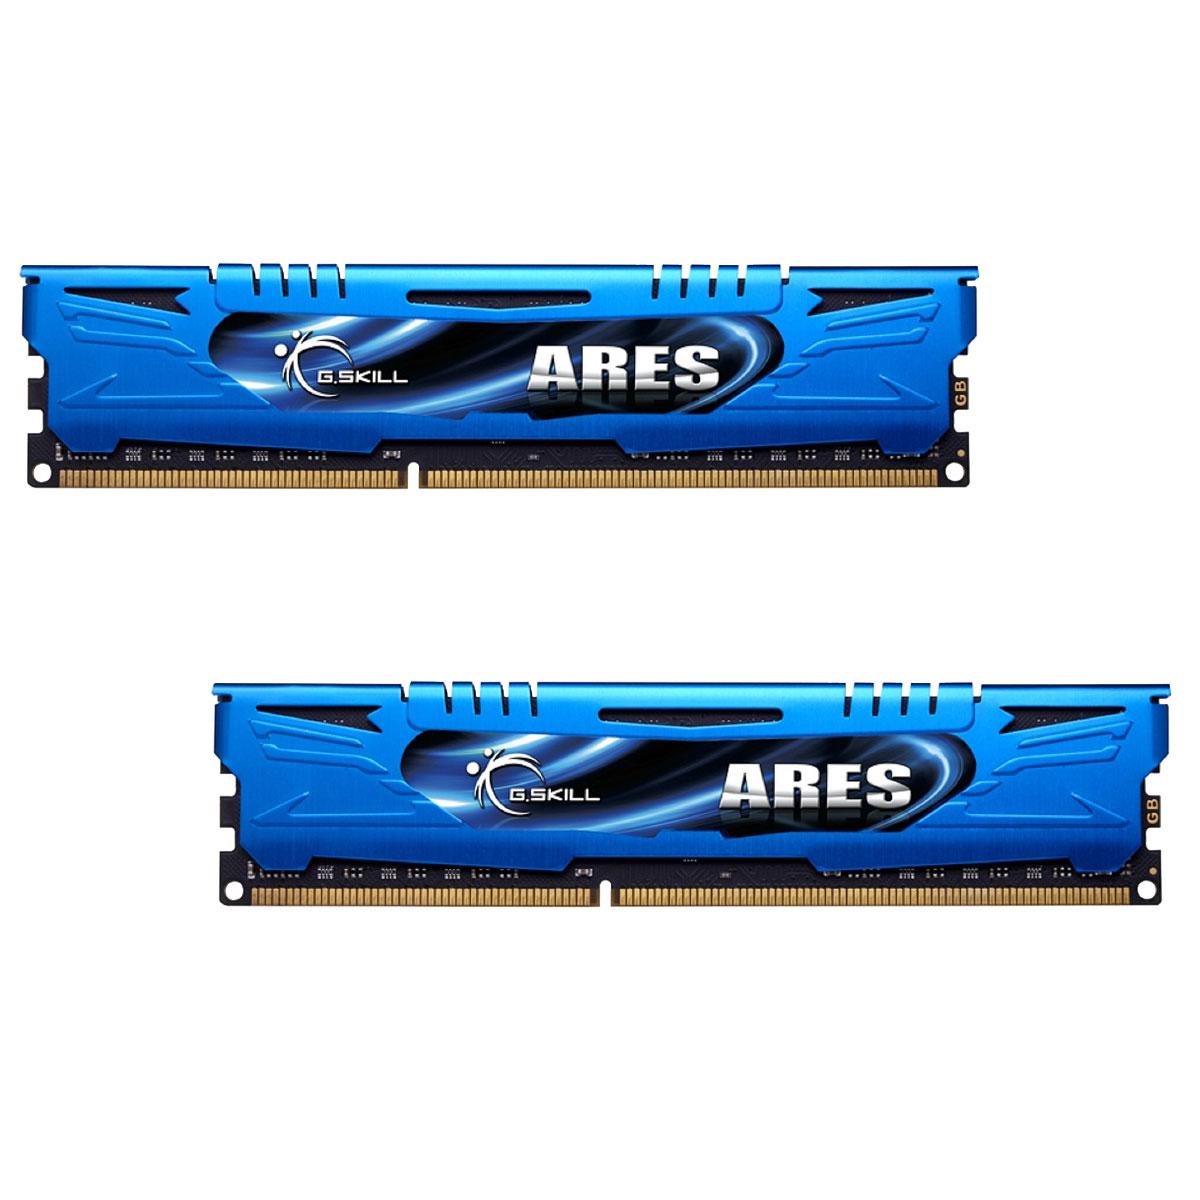 Mémoire PC G.Skill Ares Blue Series 16 Go (2 x 8 Go) DDR3 2400 MHz CL11 Kit Dual Channel DDR3 PC3-19200 - F3-2400C11D-16GAB (garantie à vie par G.Skill)